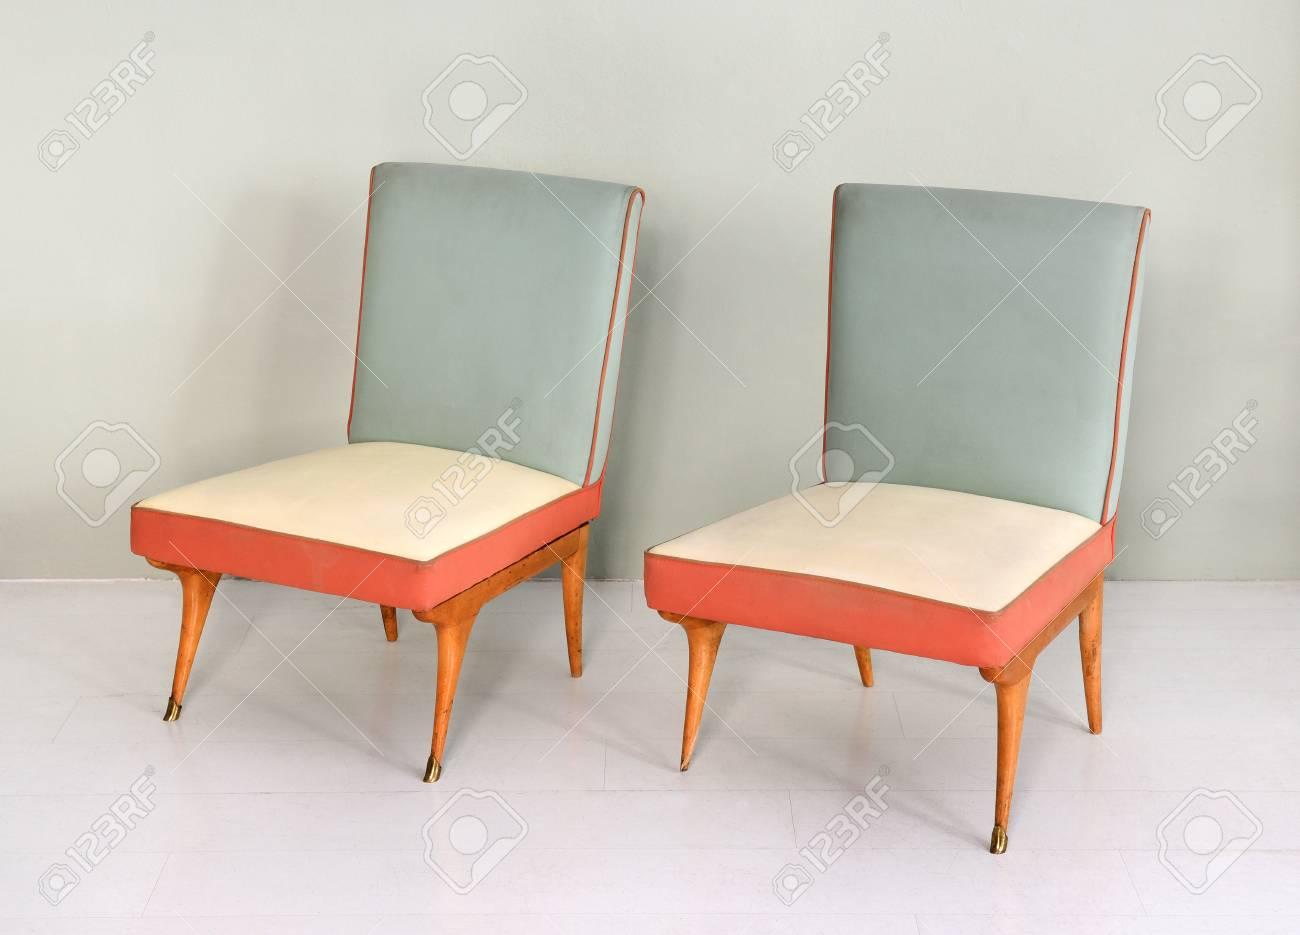 Natura morta di coppia di sedie antiche imbottite retrò con rivestimenti in  vinile in pelle colorata - rosa, blu e bianco - e gambe in legno